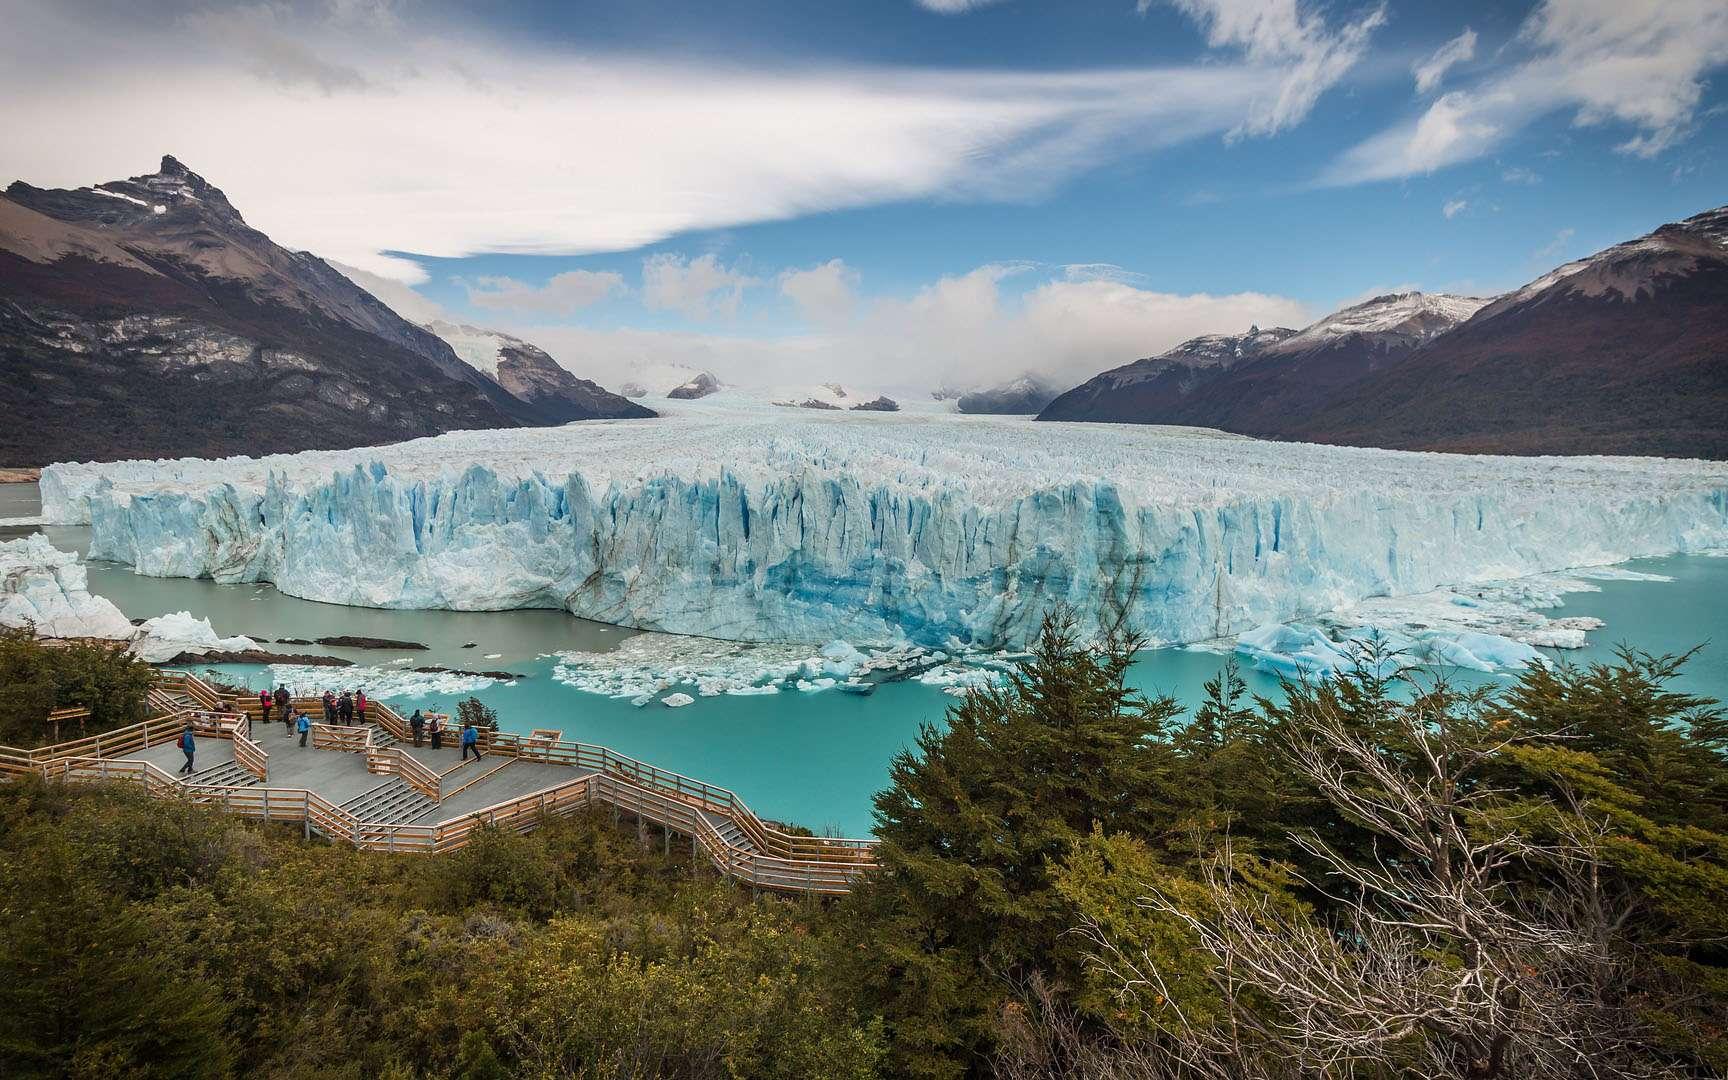 La particularité du glacier Perito Moreno (Argentine), c'est qu'il détache, par vêlage, d'immenses blocs de glace dans le lac Argentino. Et ce, extrêmement régulièrement. Un spectacle impressionnant. D'autant que la hauteur de glace émergée qui apparait au visiteur est de pas moins de 74 mètres.L'autre caractéristique intéressante à signaler du glacier Perito Moreno, c'est qu'il ne semble pas reculer devant le réchauffement climatique. Lorsque son front traverse le lac Argentino, il forme un barrage naturel. Qui finit par exploser. Un phénomène que l'on appelle «rupture du glacier» qui se produit à une fréquence d'une année à une décennie. © Mampu, Pixabay, DP